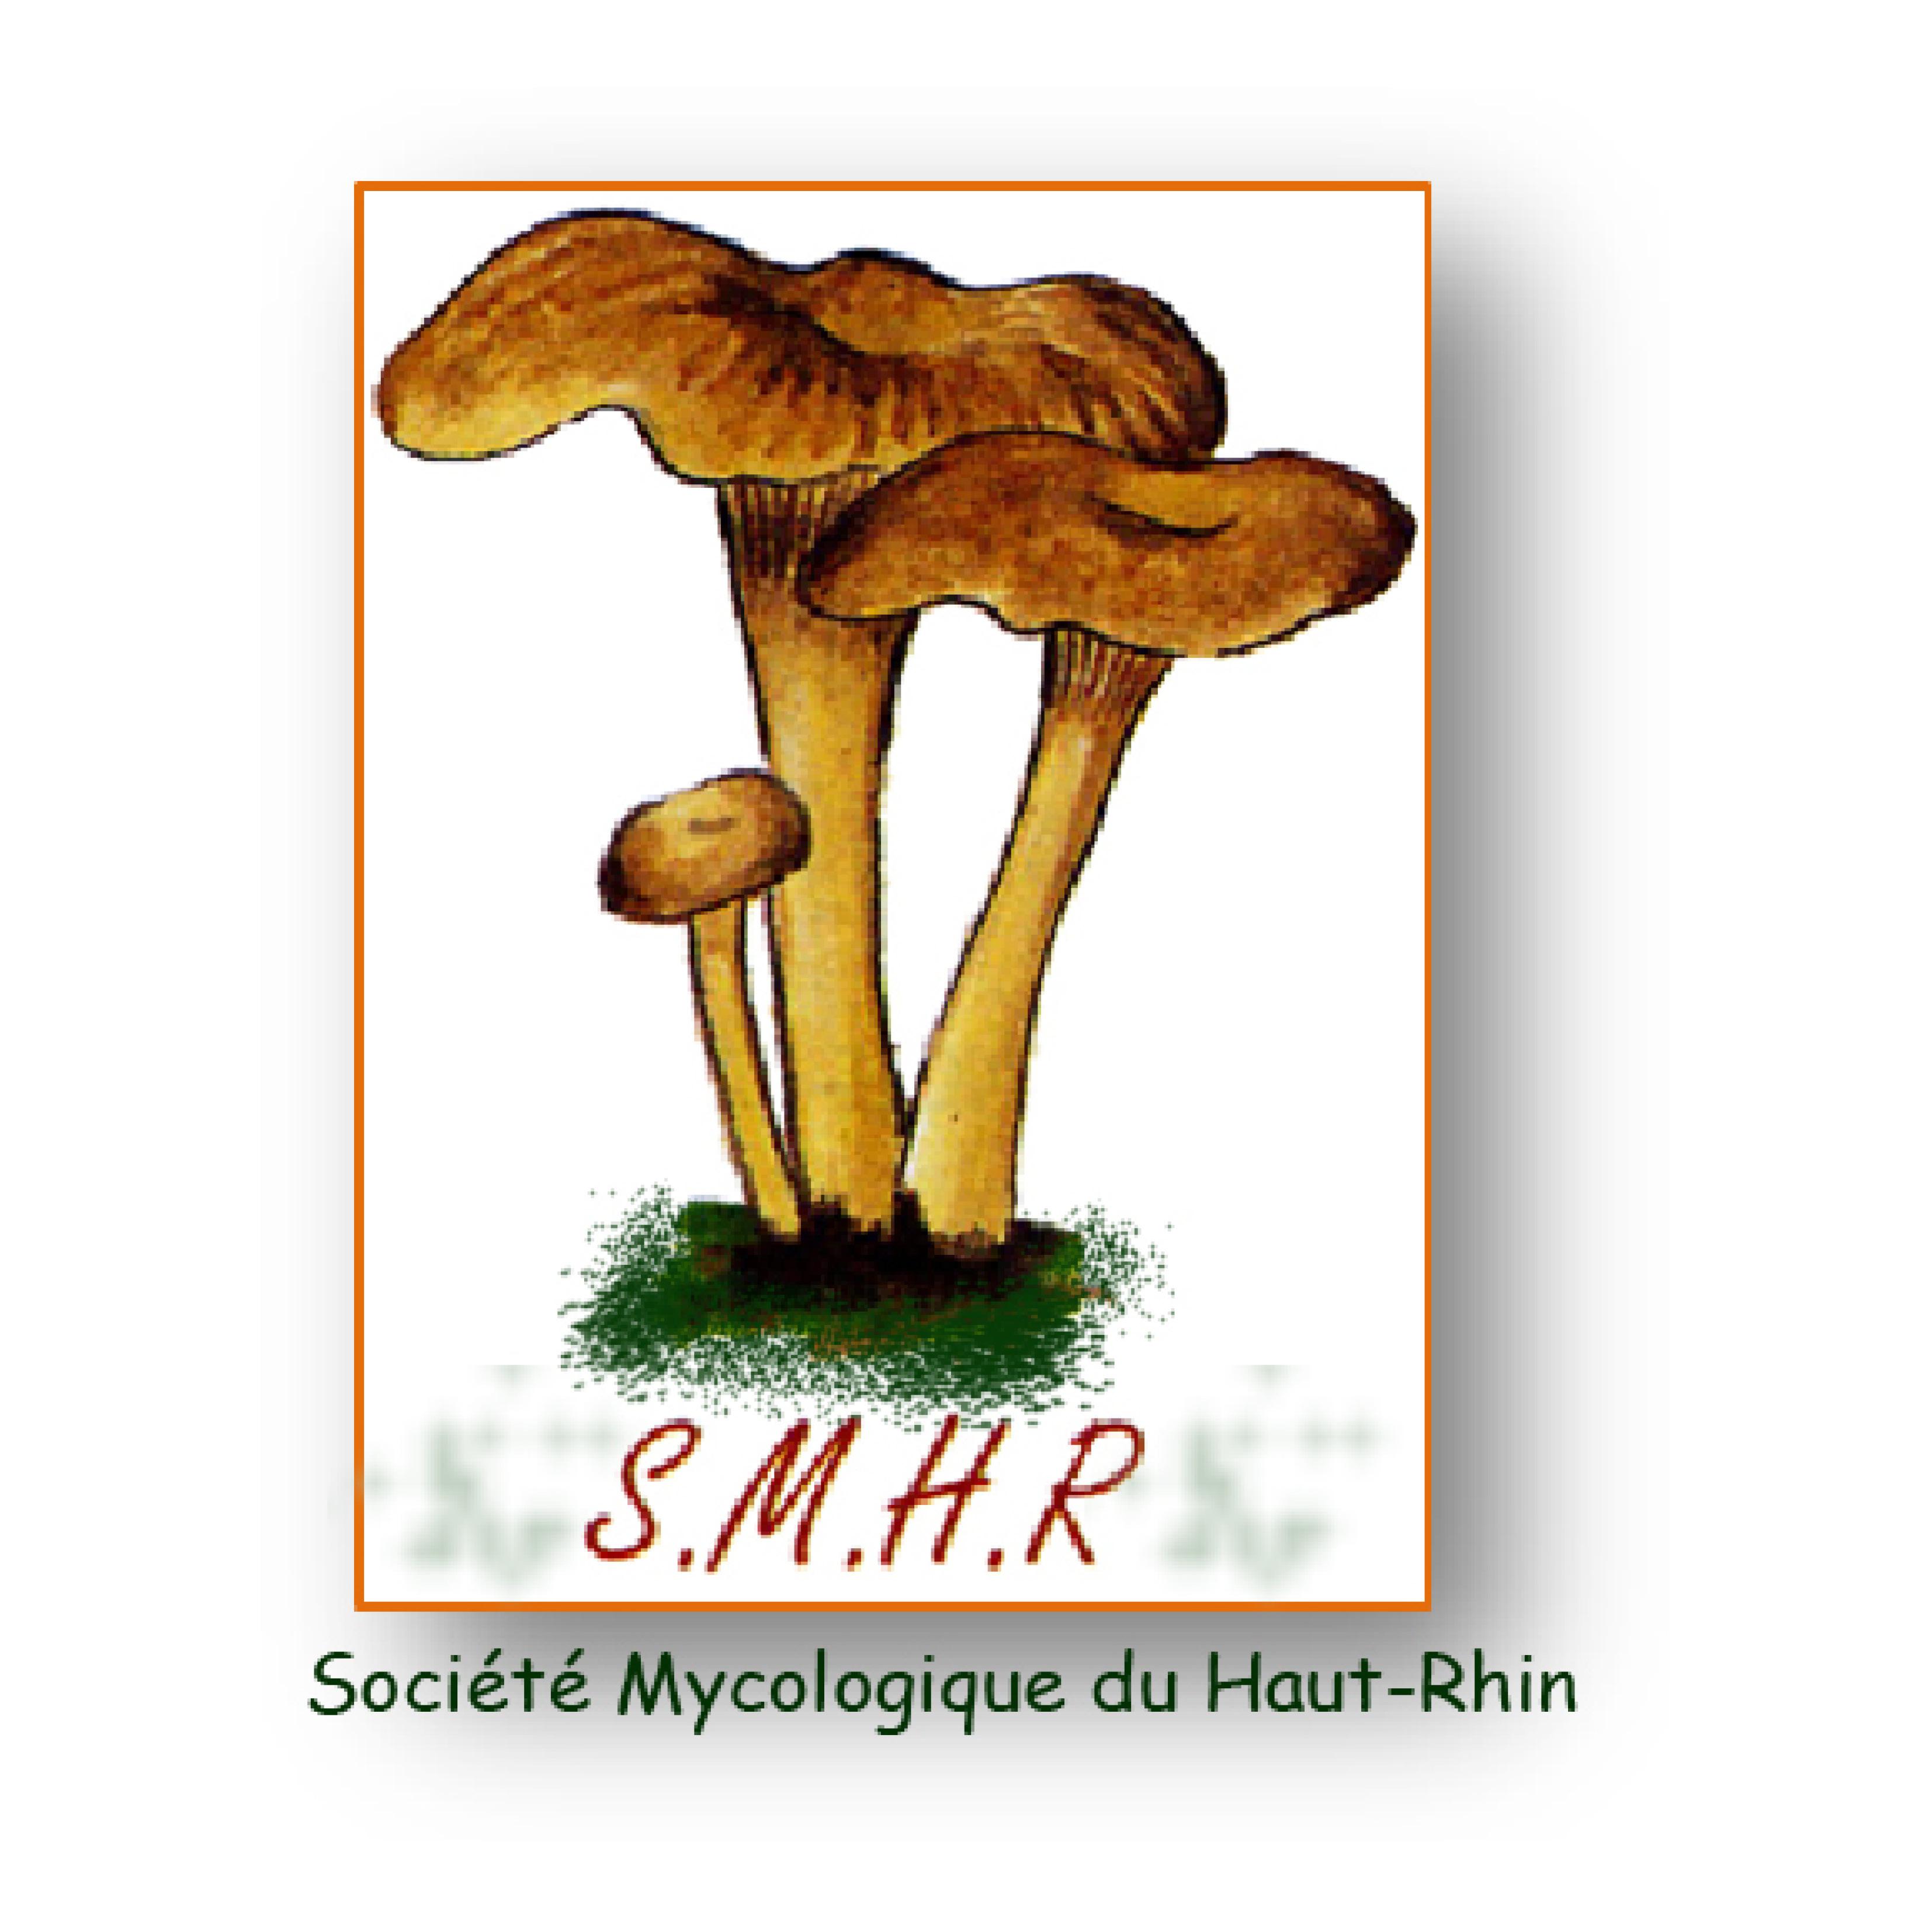 Société Mycologique du Haut-Rhin (SMHR)